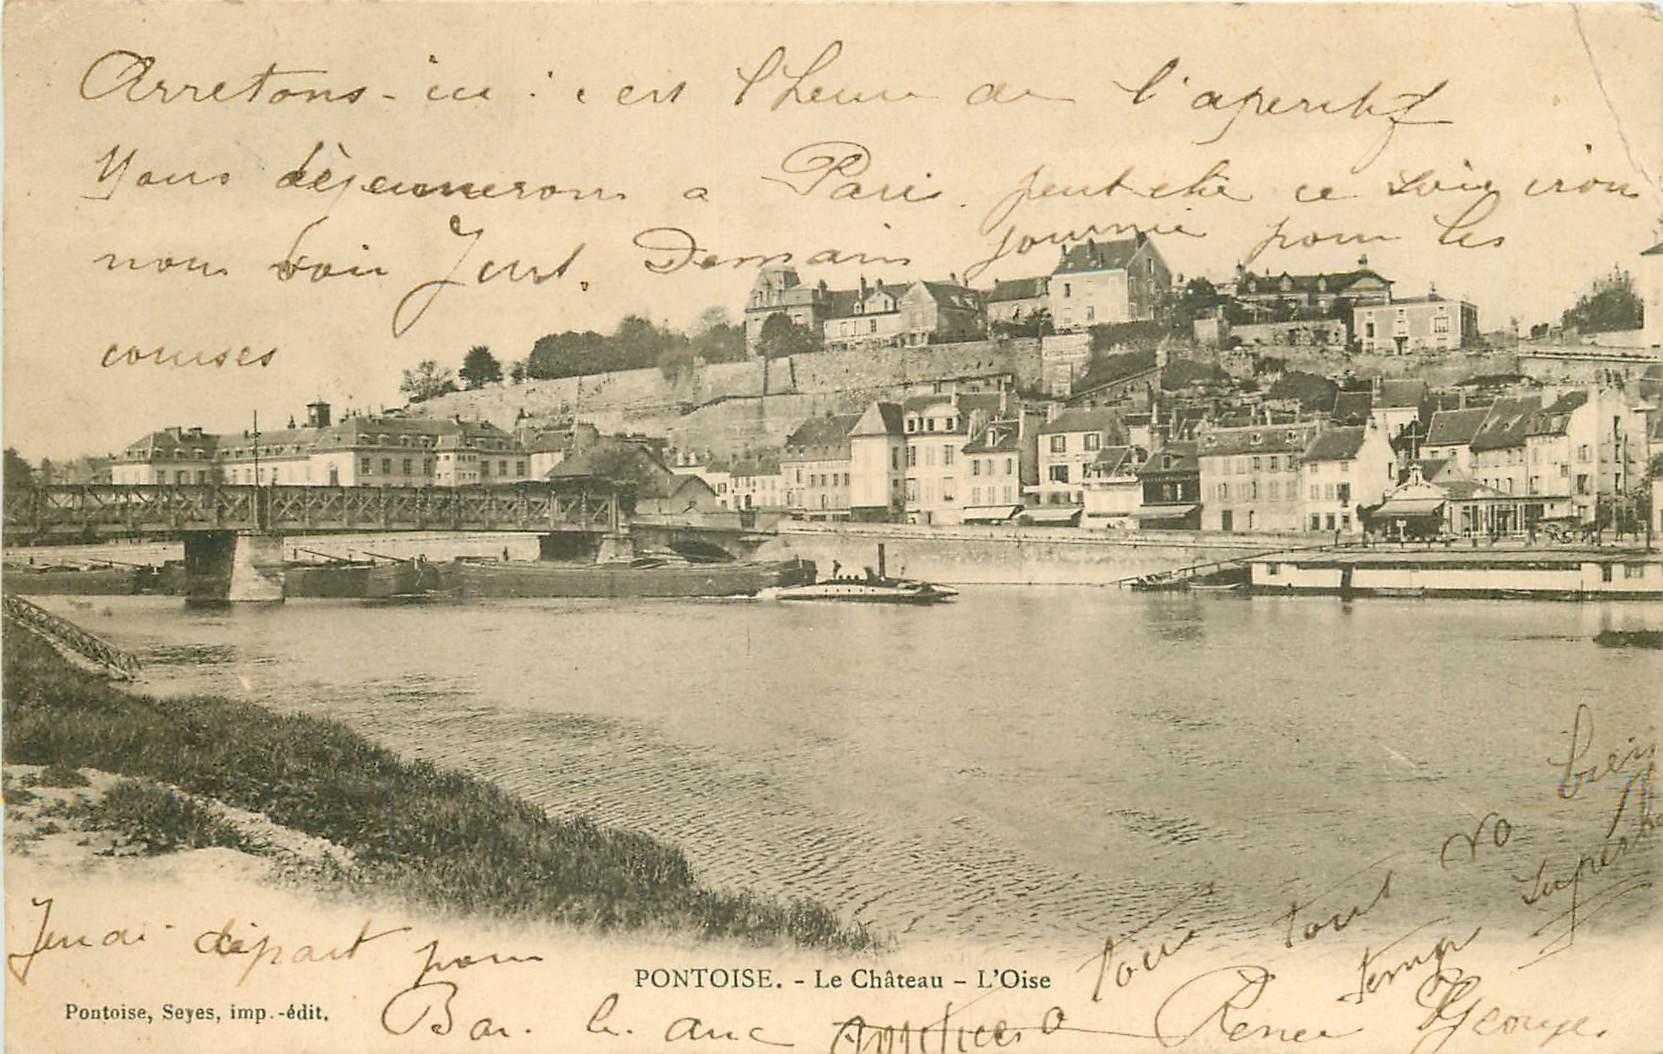 95 PONTOISE. Le Château et Péniche sous le Pont de fer 1903